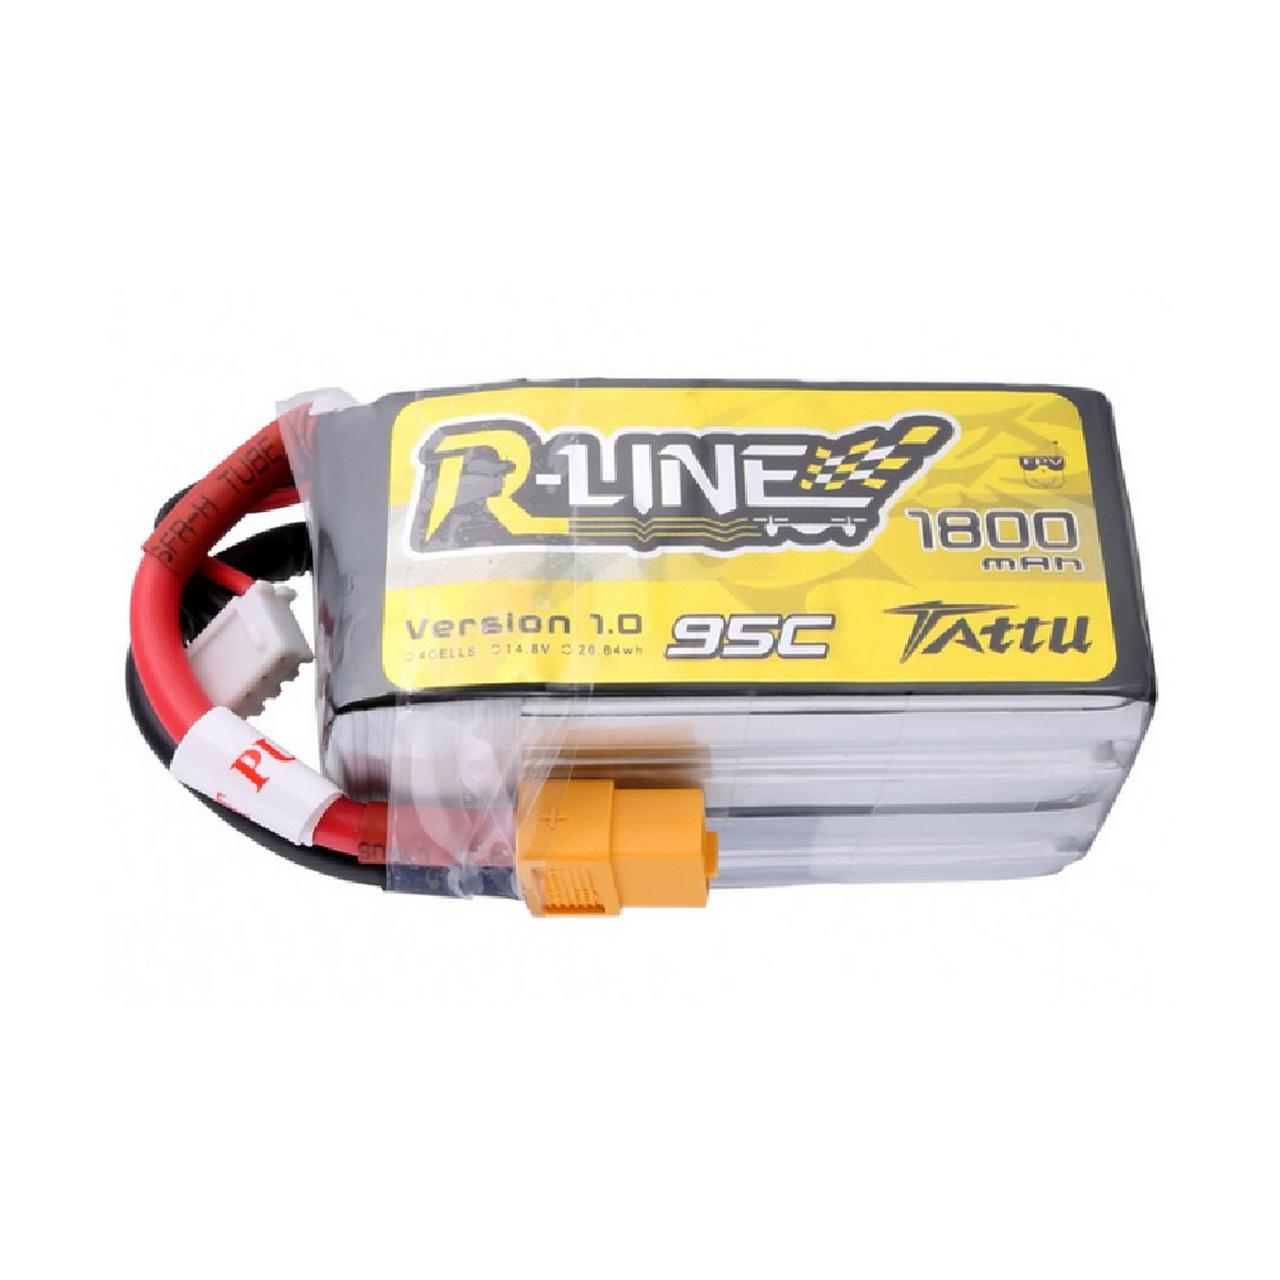 Tattu R-Line 1800mah 4S 95C FPV Lipo Battery with XT60 Plug